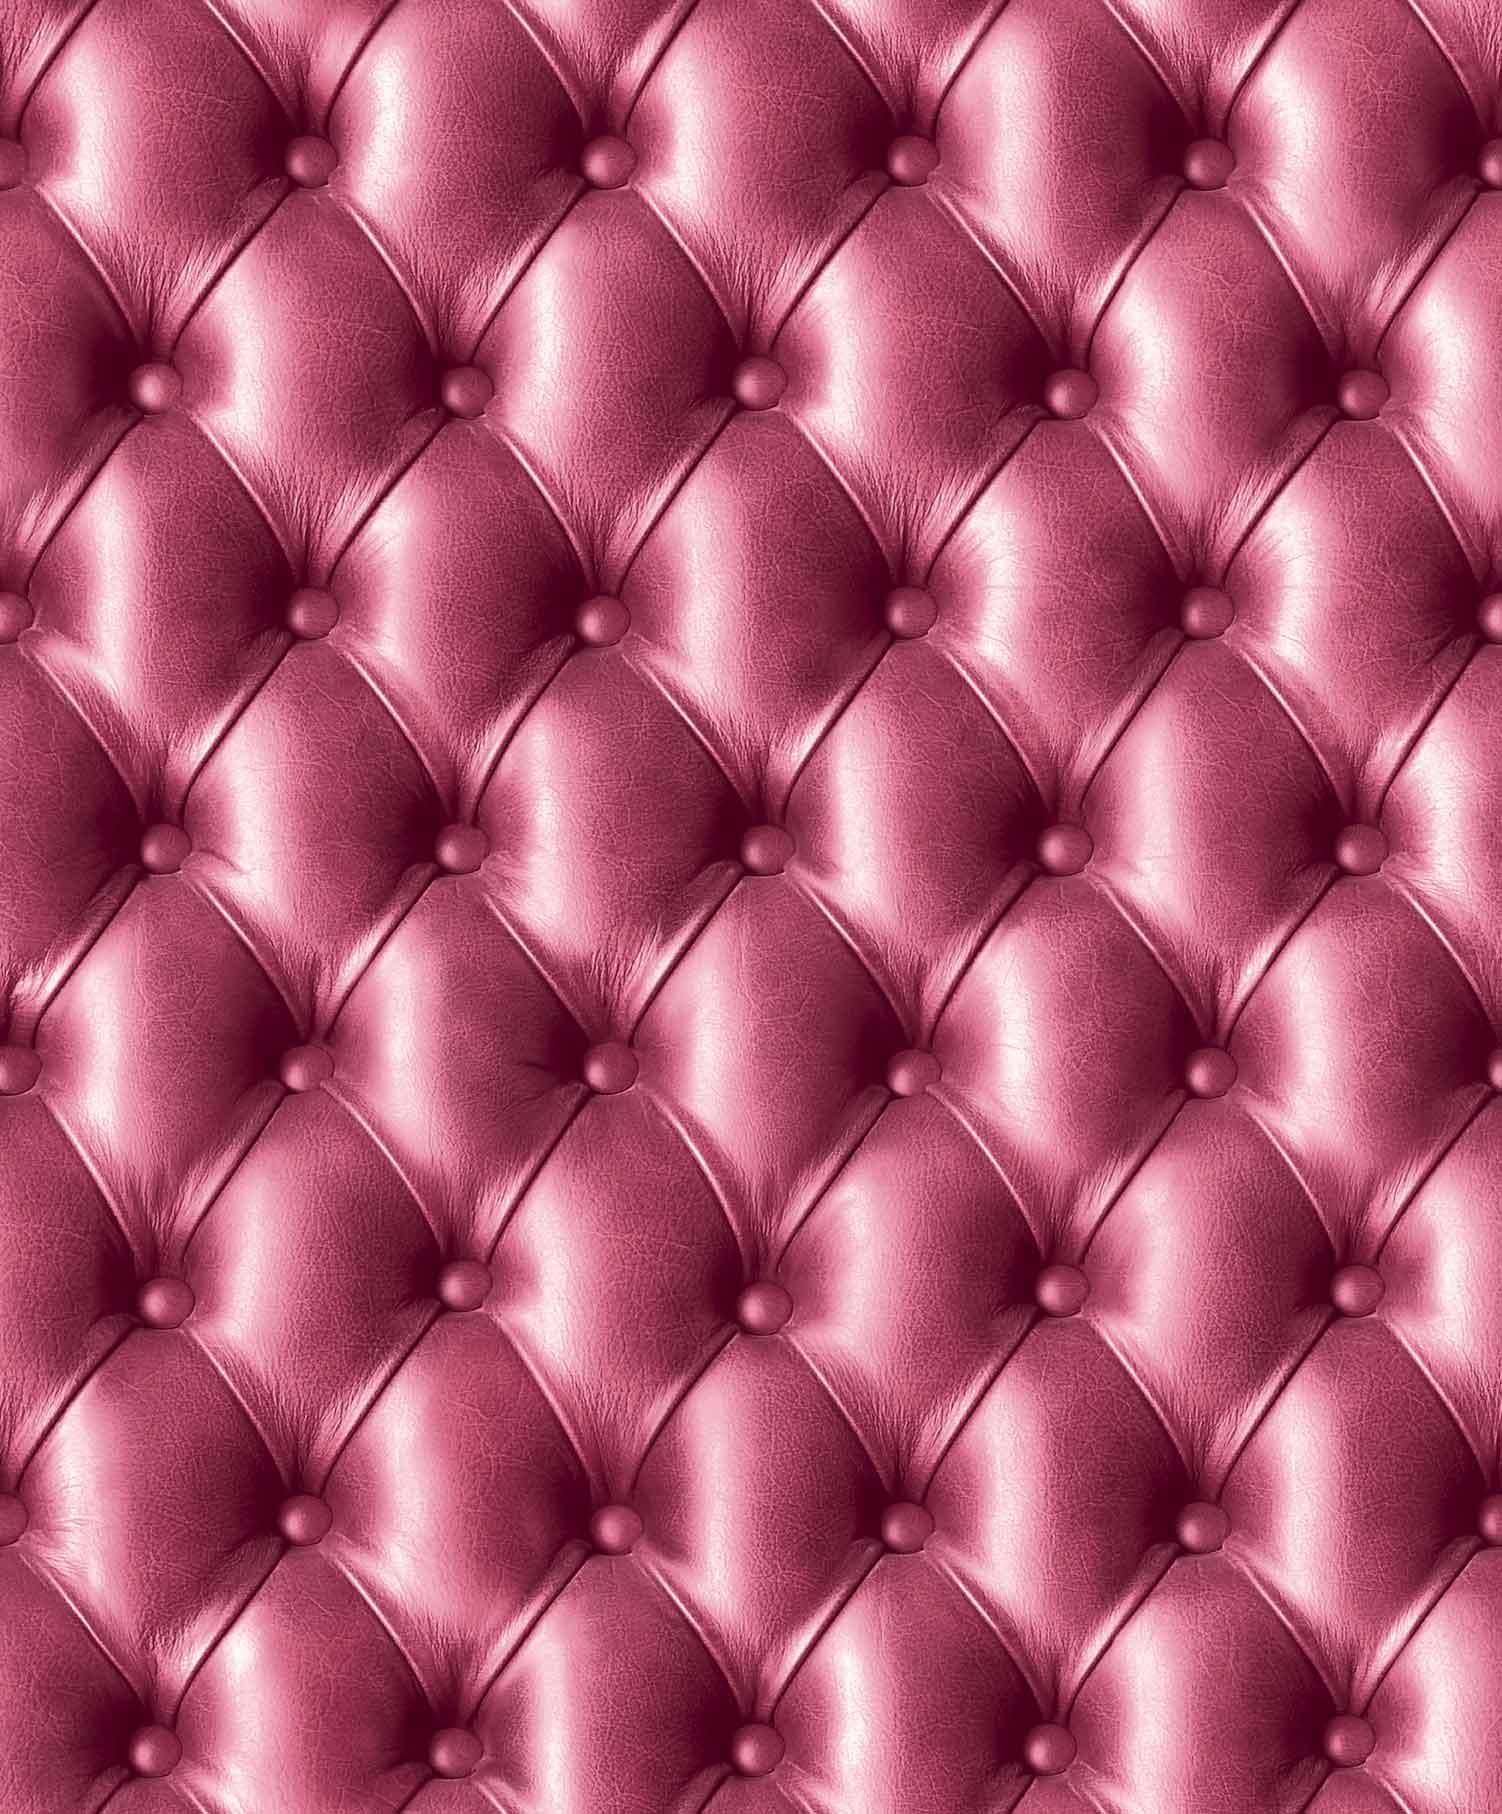 Full Size of 3d Tapeten Tapete Zum Online Kaufen Bilder Galerie 35 Fototapeten Wohnzimmer Für Küche Schlafzimmer Ideen Die Wohnzimmer 3d Tapeten